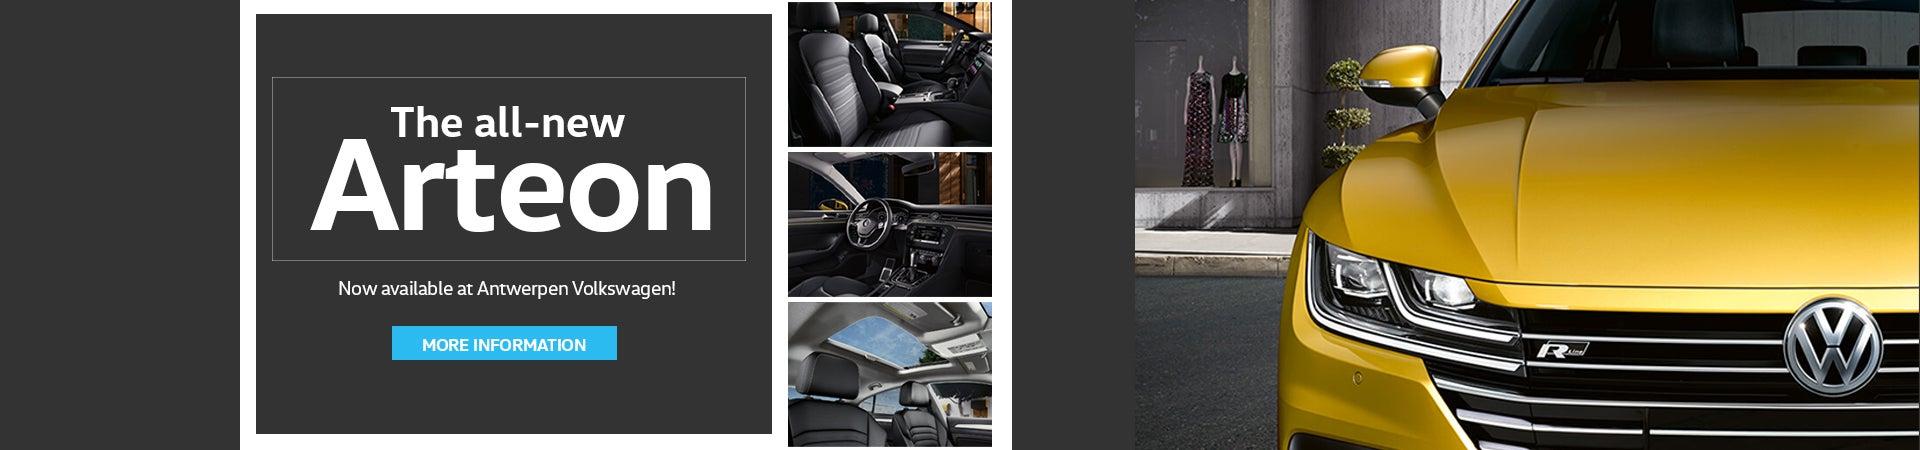 Volkswagen Cars for Sale | Volkswagen Dealer Pasadena, MD | Antwerpen VW